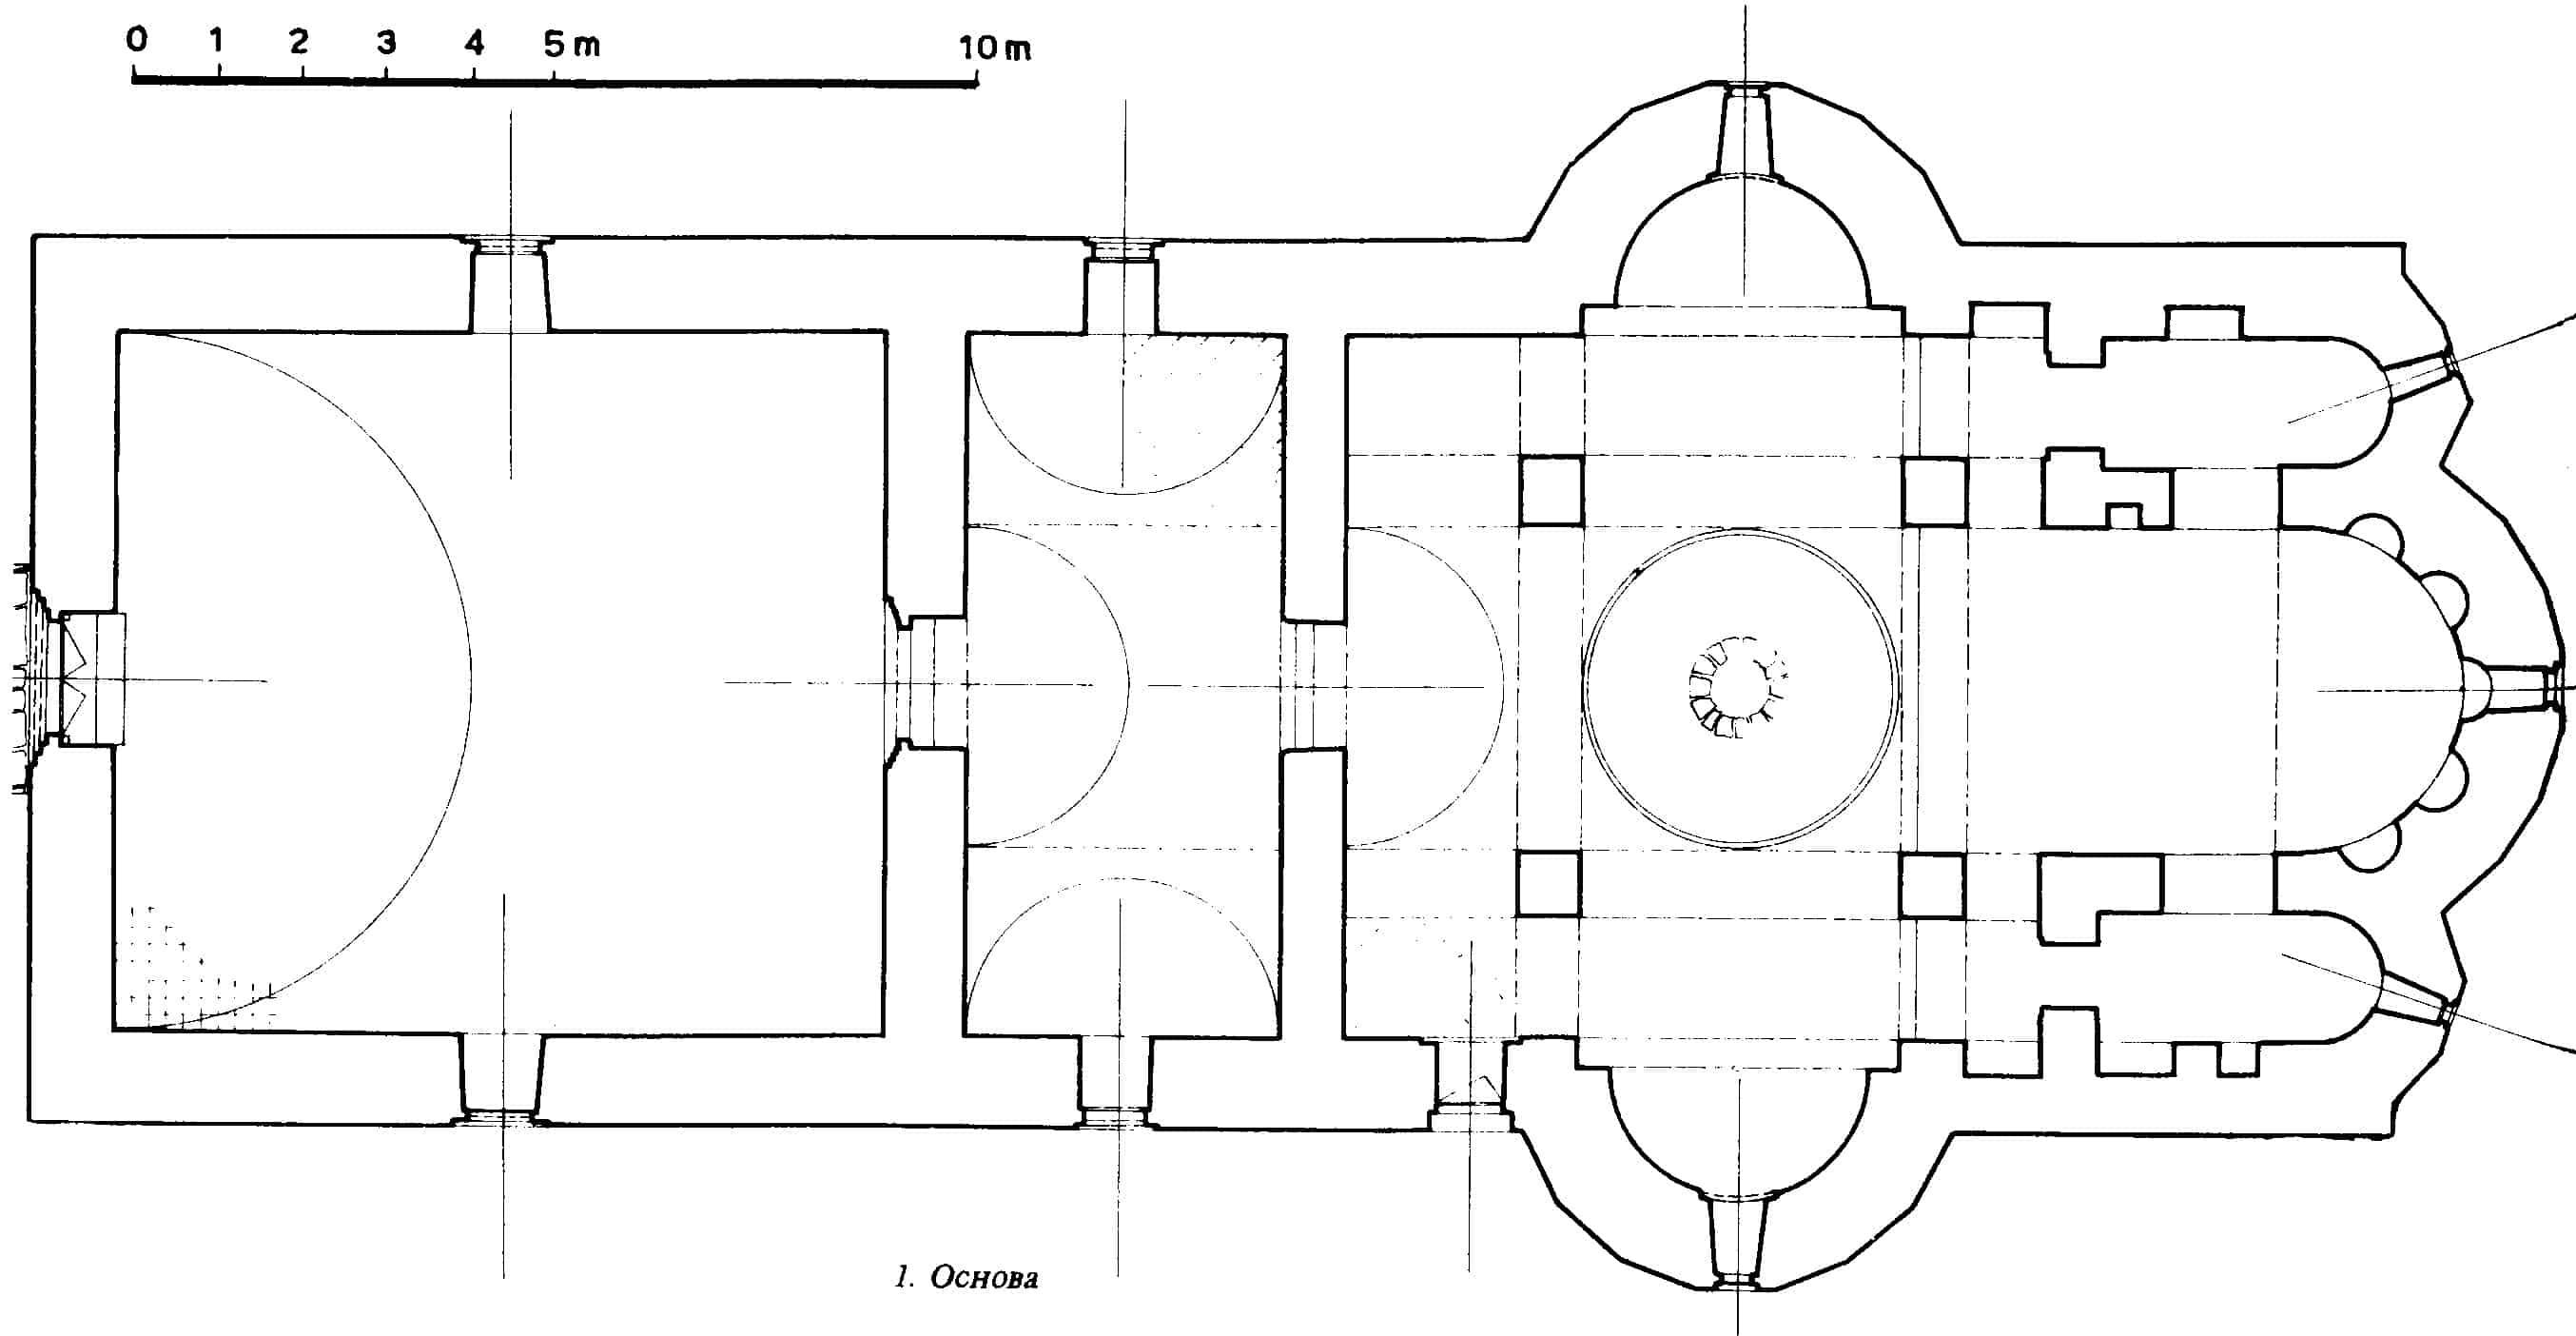 Osnova crkve Blagoveštenja, Papraća